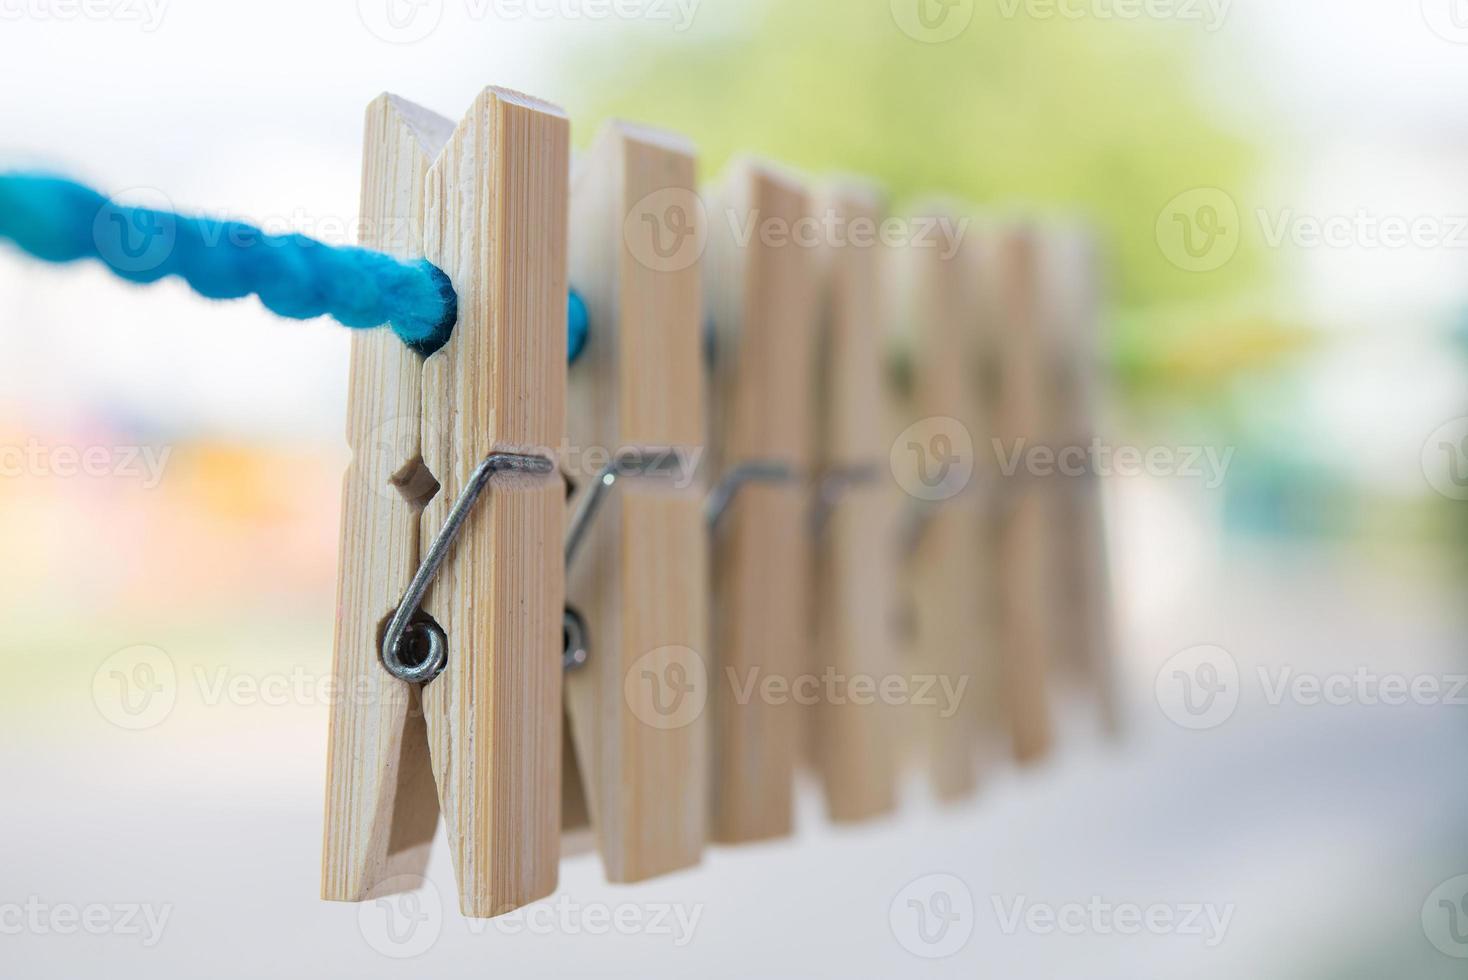 hölzerne Wäscheklammer am Seil hängen foto